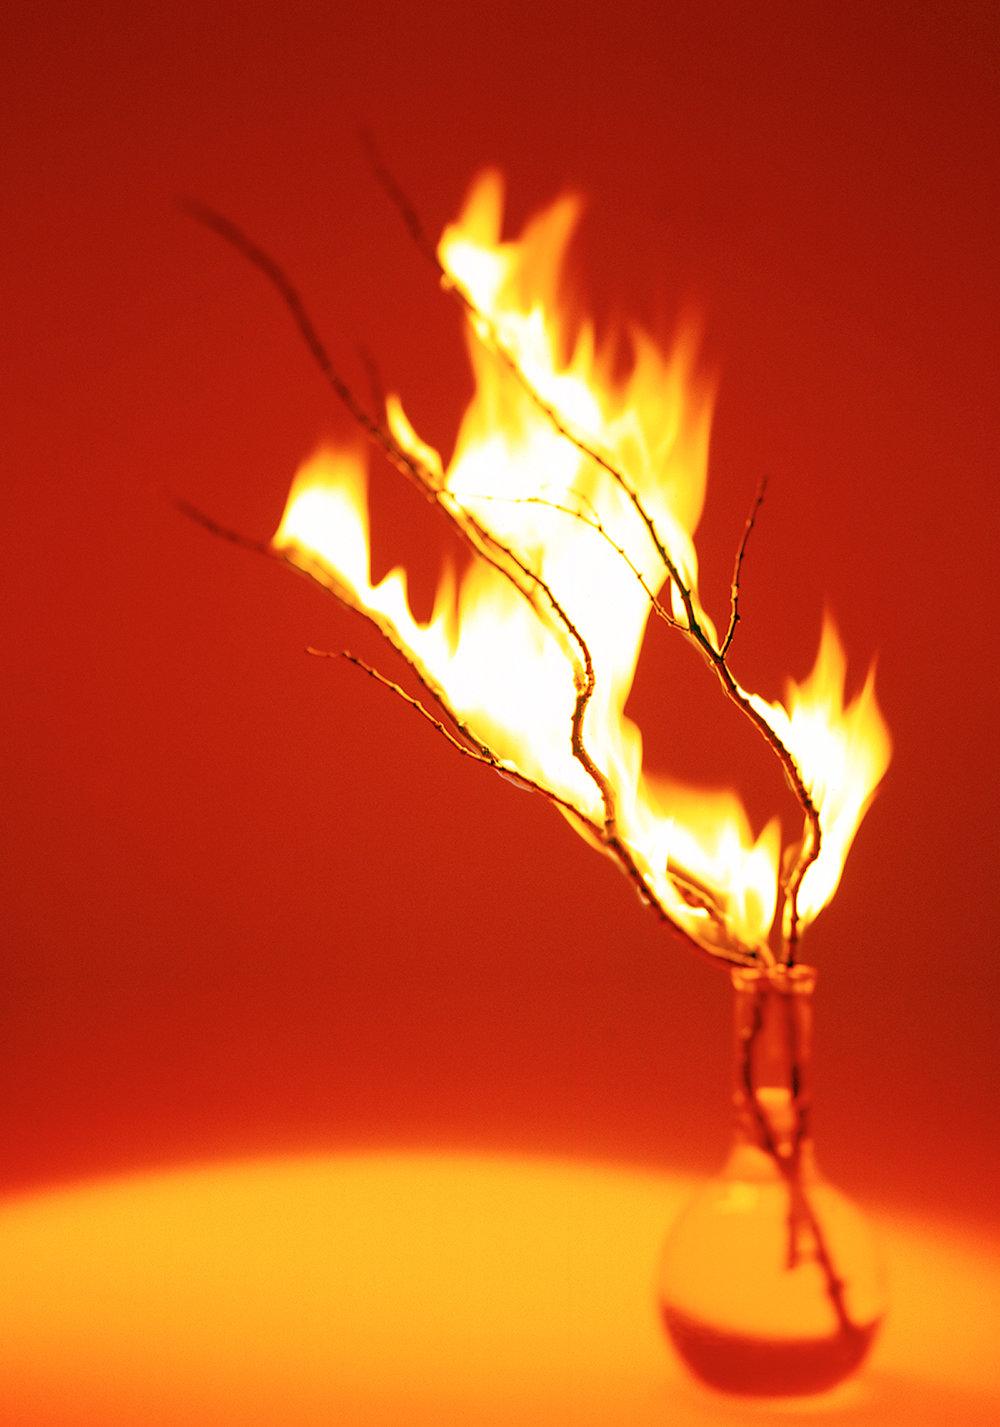 Fire_Portfolio_original.jpg